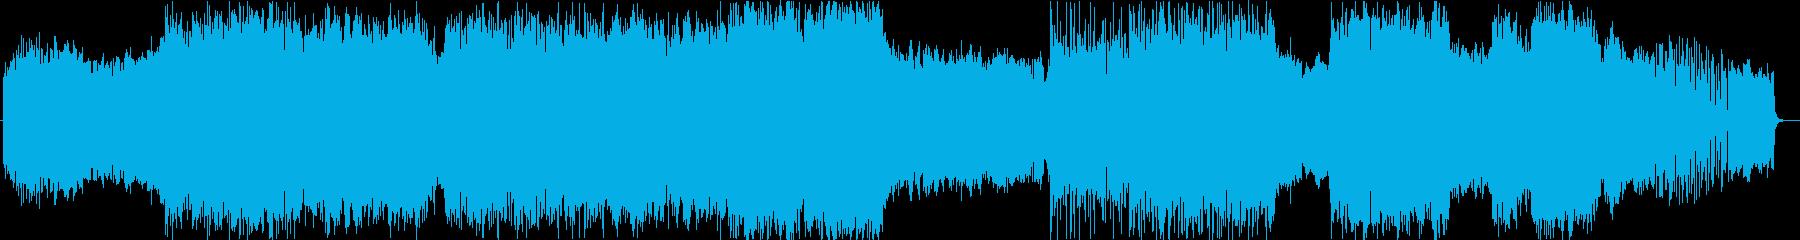 生々しいディストーションギターの曲の再生済みの波形